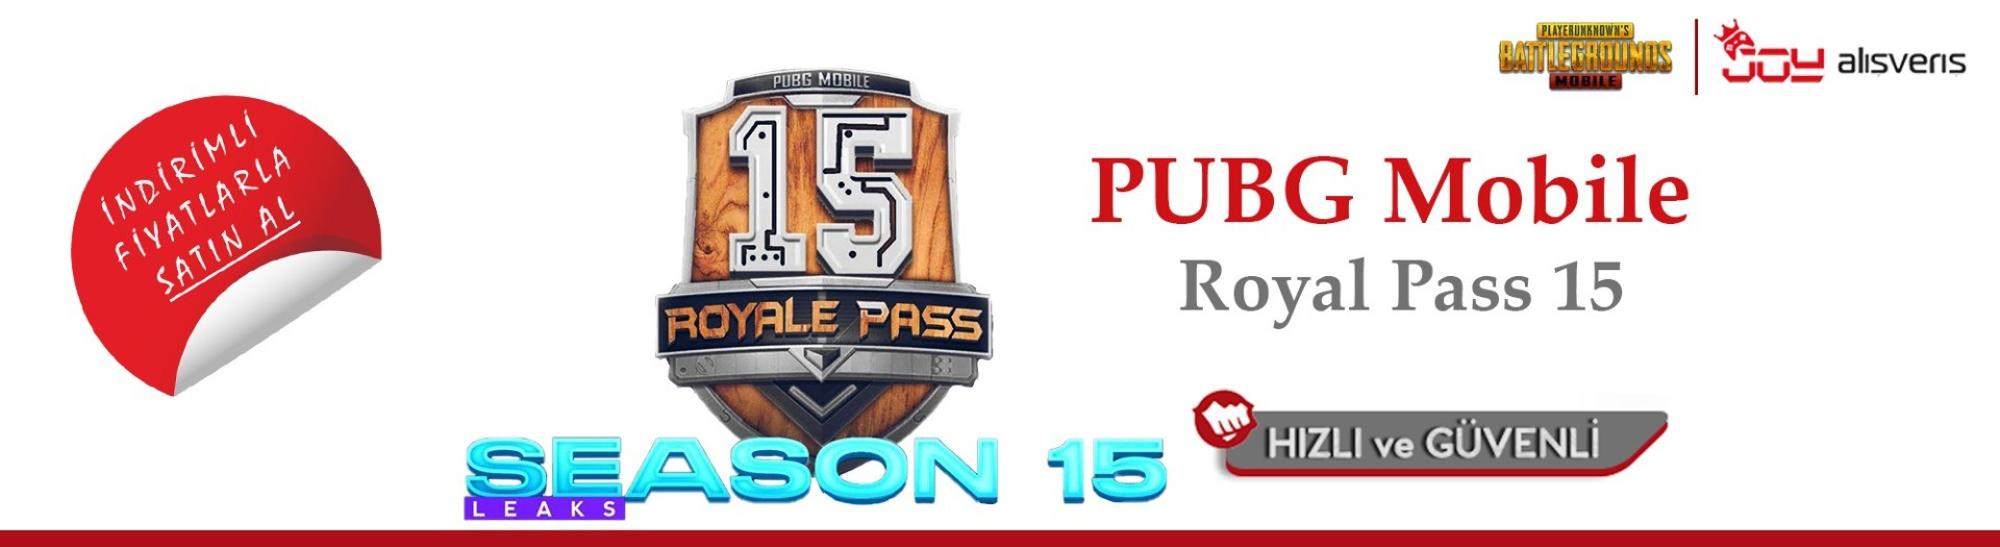 PUBG Mobile Royale Pass 15